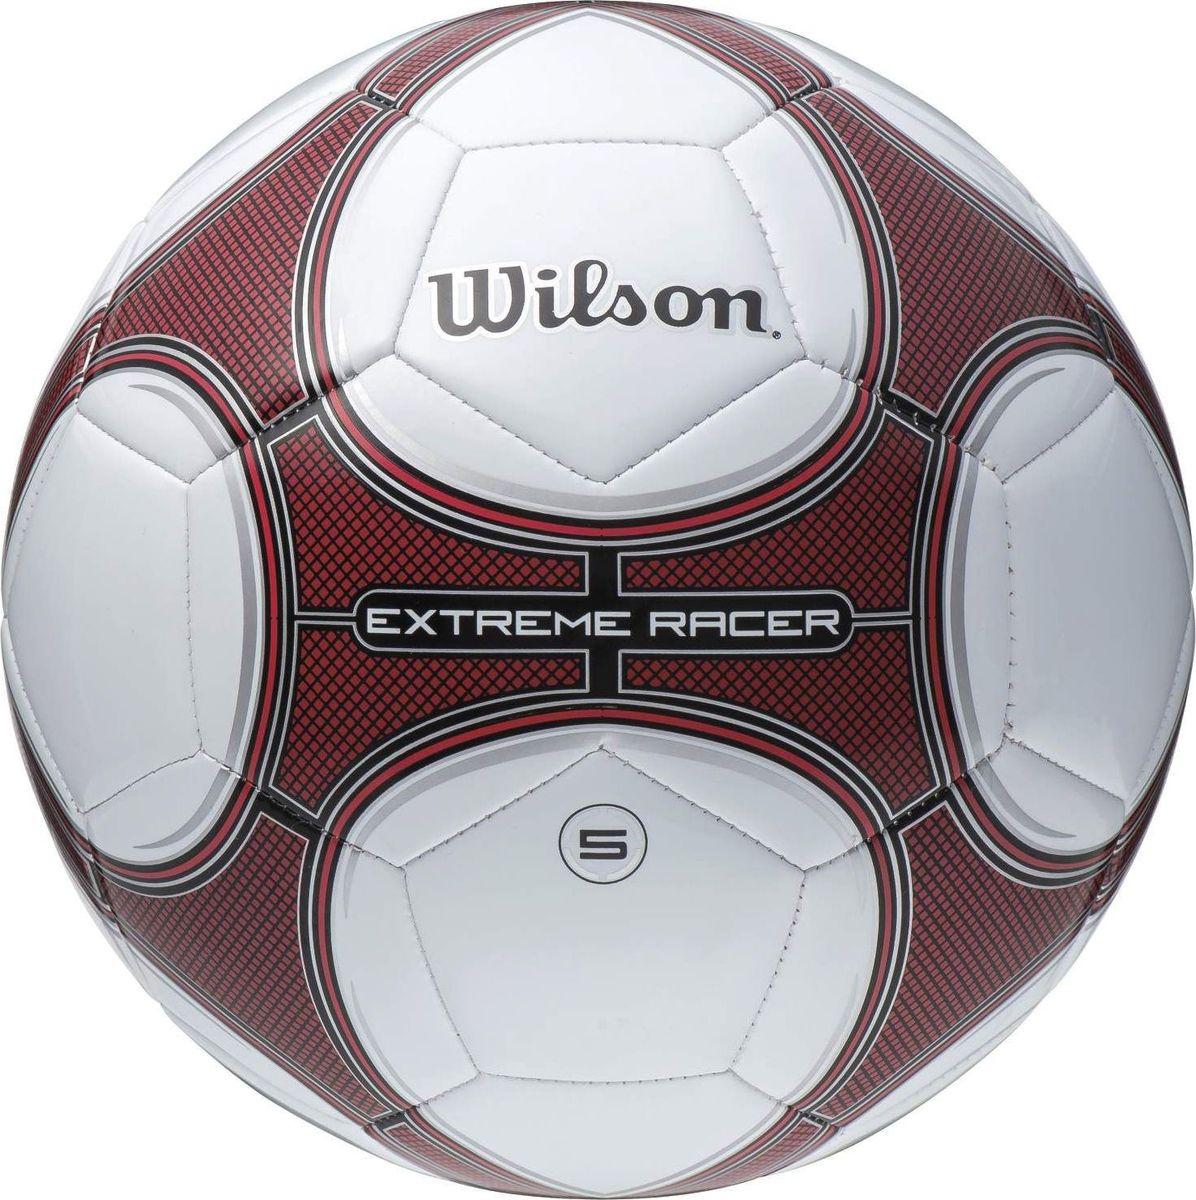 Мяч футбольный Wilson Extreme Racer, цвет: красный. Размер: 5WTE8719XB05Новый дизайн мячей EXTREME RACER, водоотталкивающее кожаное покрытие, оптимально мягкое и максимальная износостойкость.